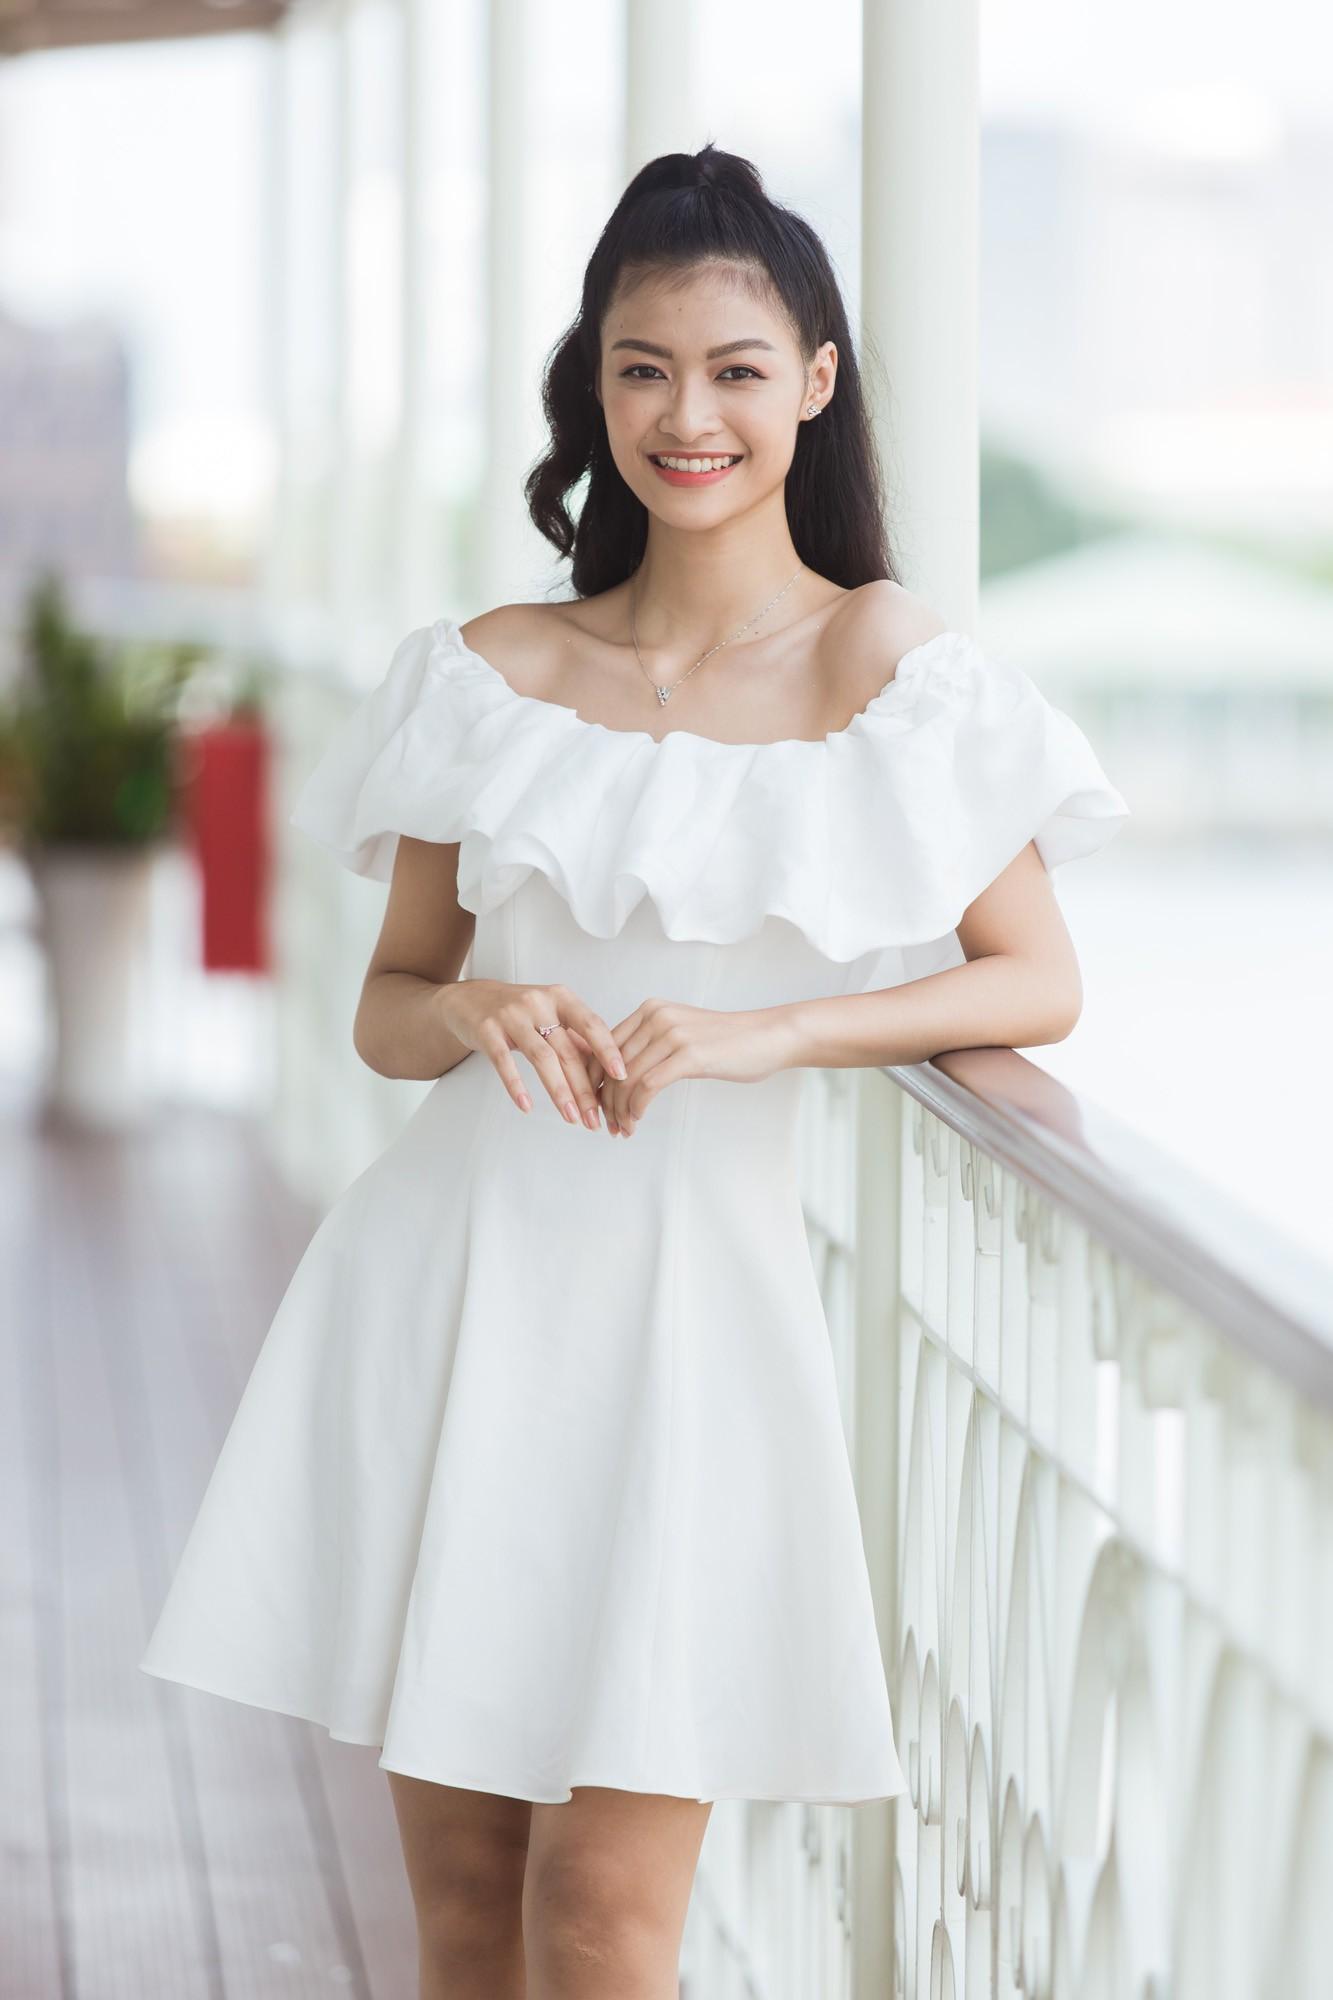 Từ cô Hoa hậu bị hoài nghi, Tiểu Vy hôm nay đứng trước Top thí sinh Miss World đầy bản lĩnh và thần thái - Ảnh 13.